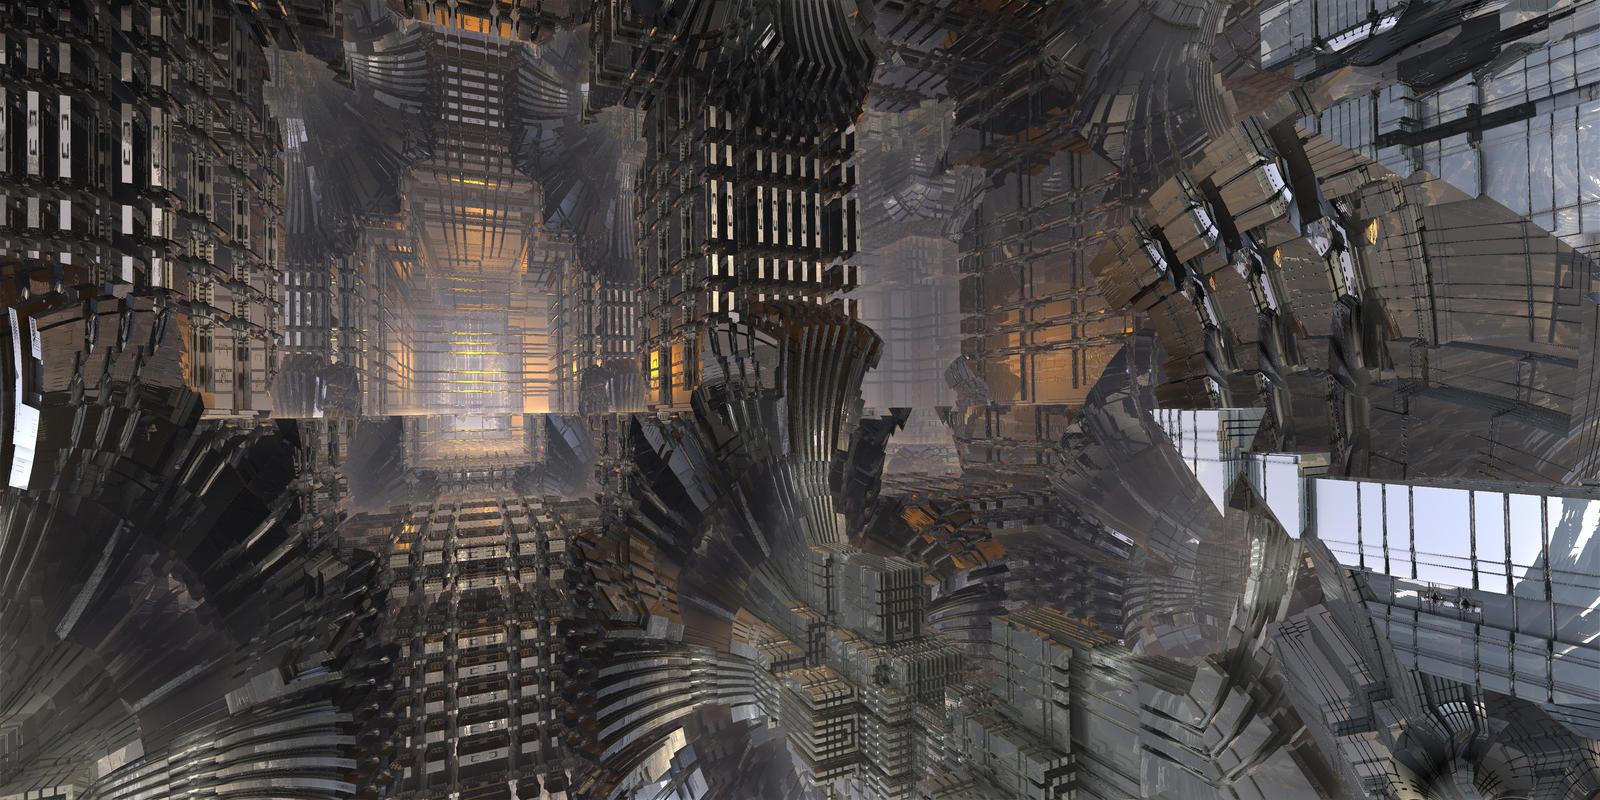 Chromicity II by MarkJayBee